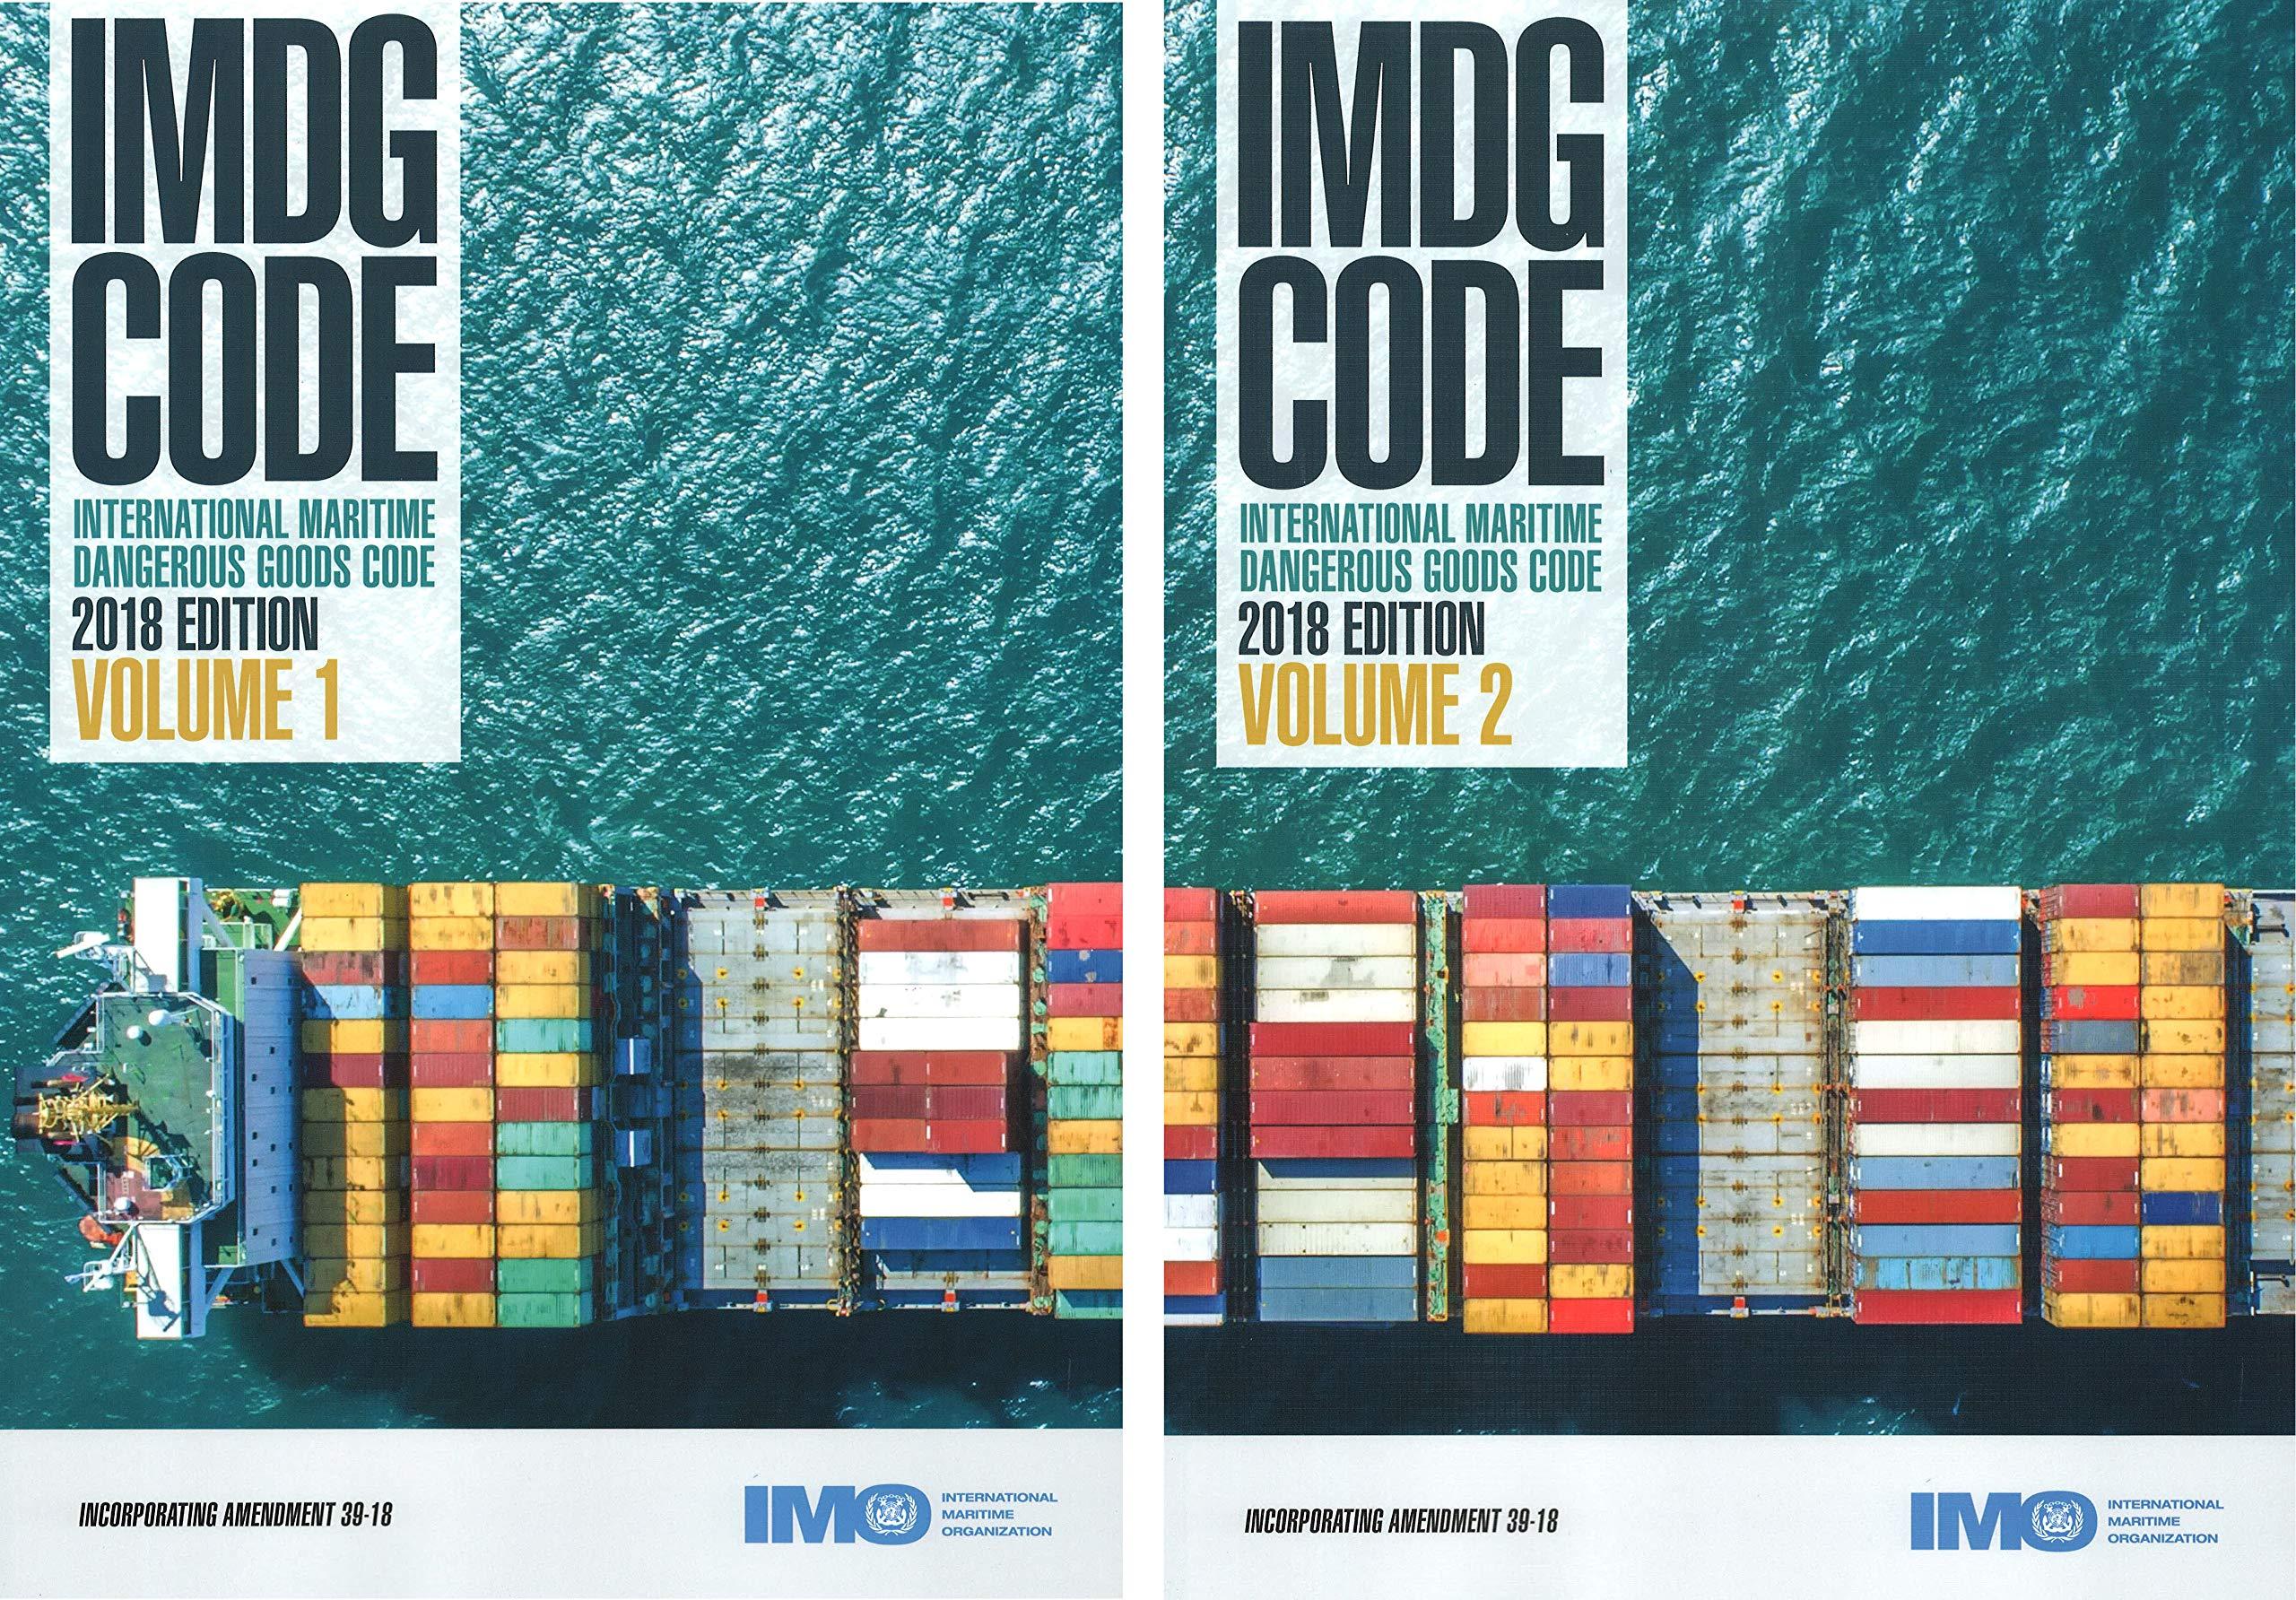 Imdg Code Pdf